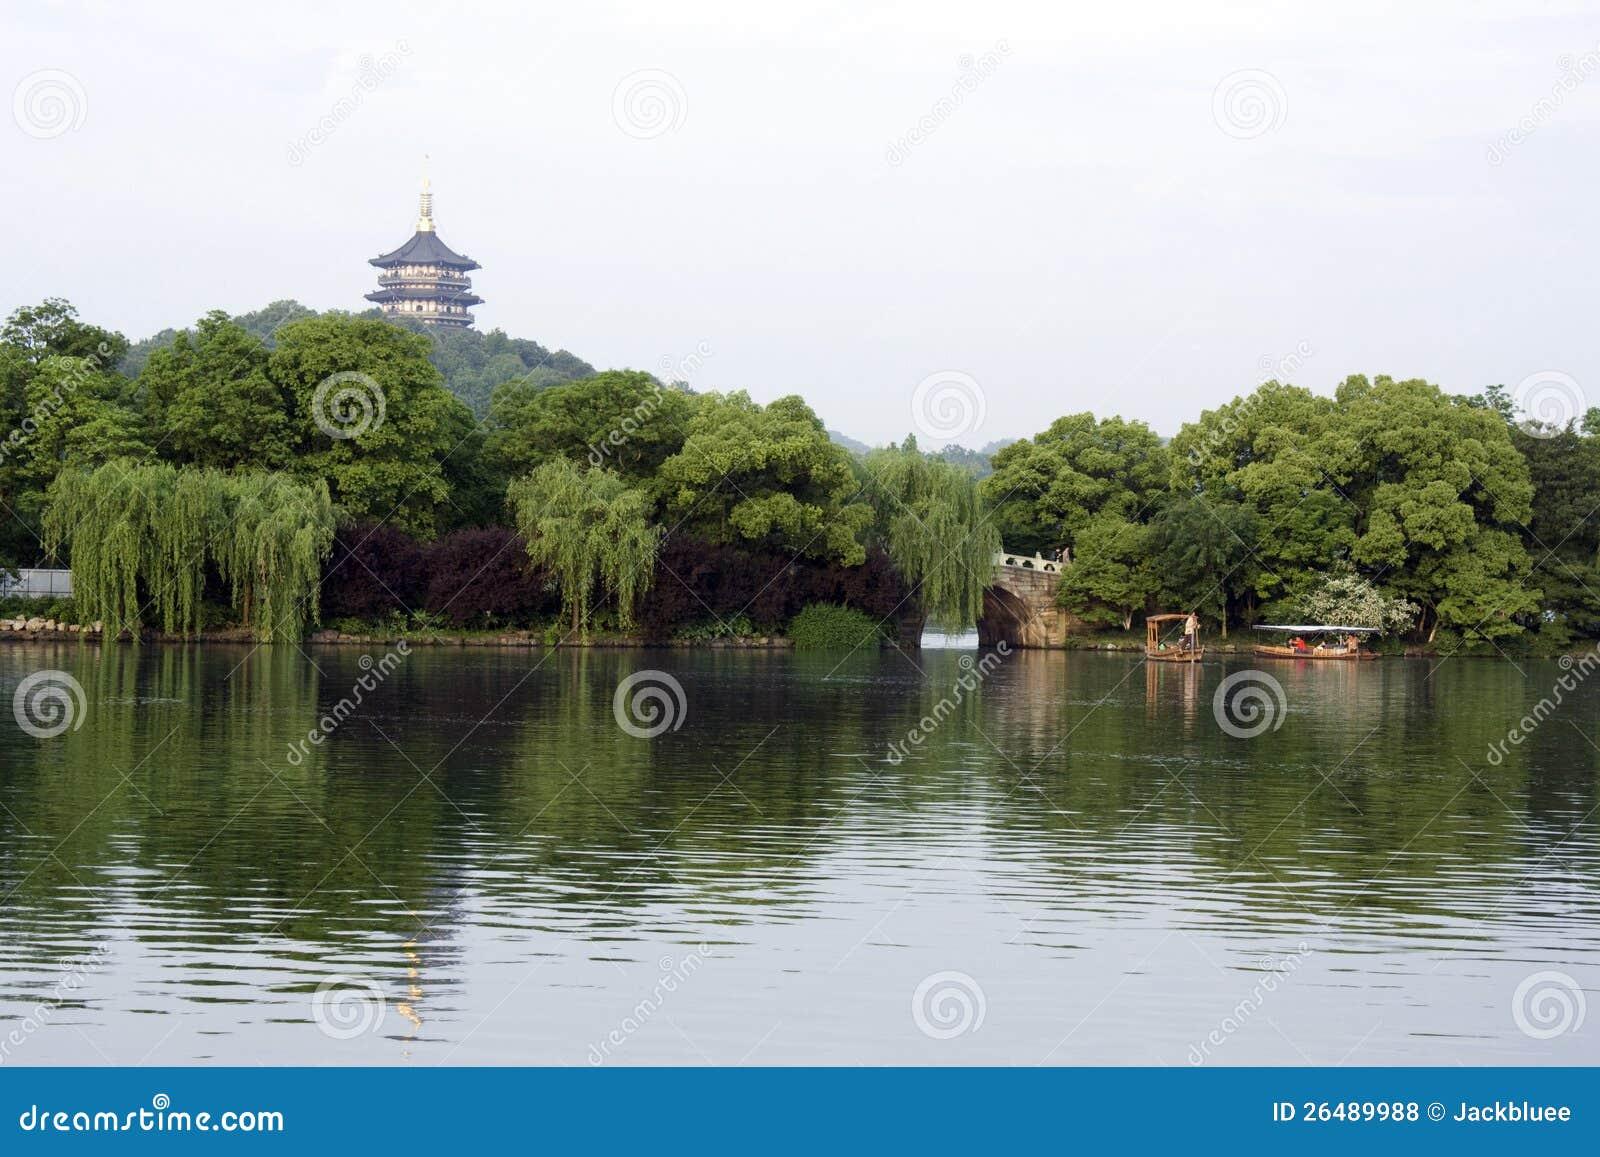 浪漫西方湖